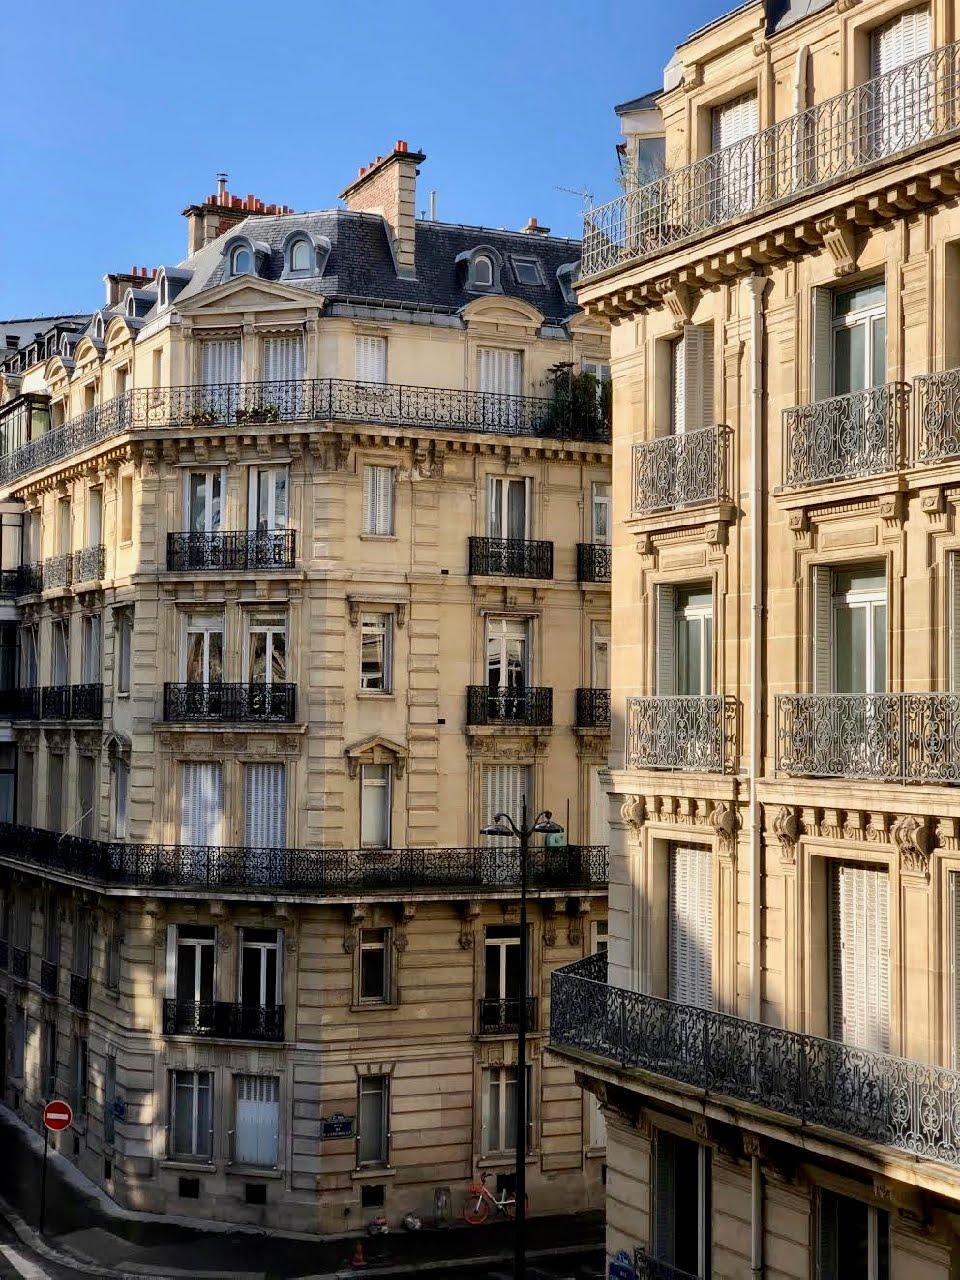 Architecture Love in Paris